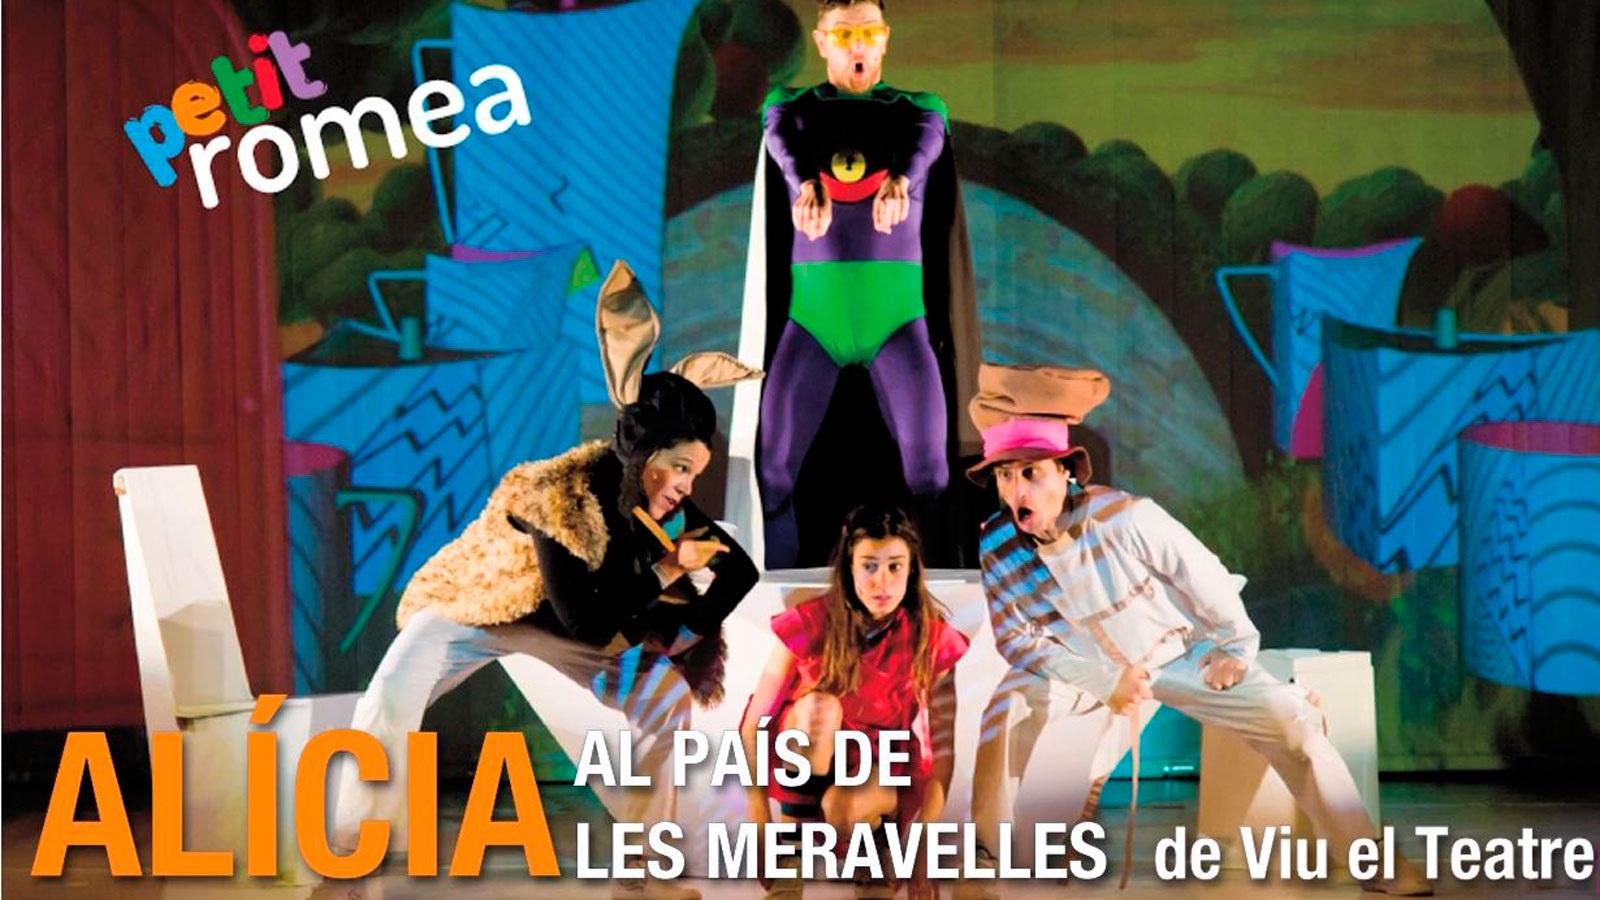 Alícia al pais de las meravelles musical al teatre petit Romea Barcelona